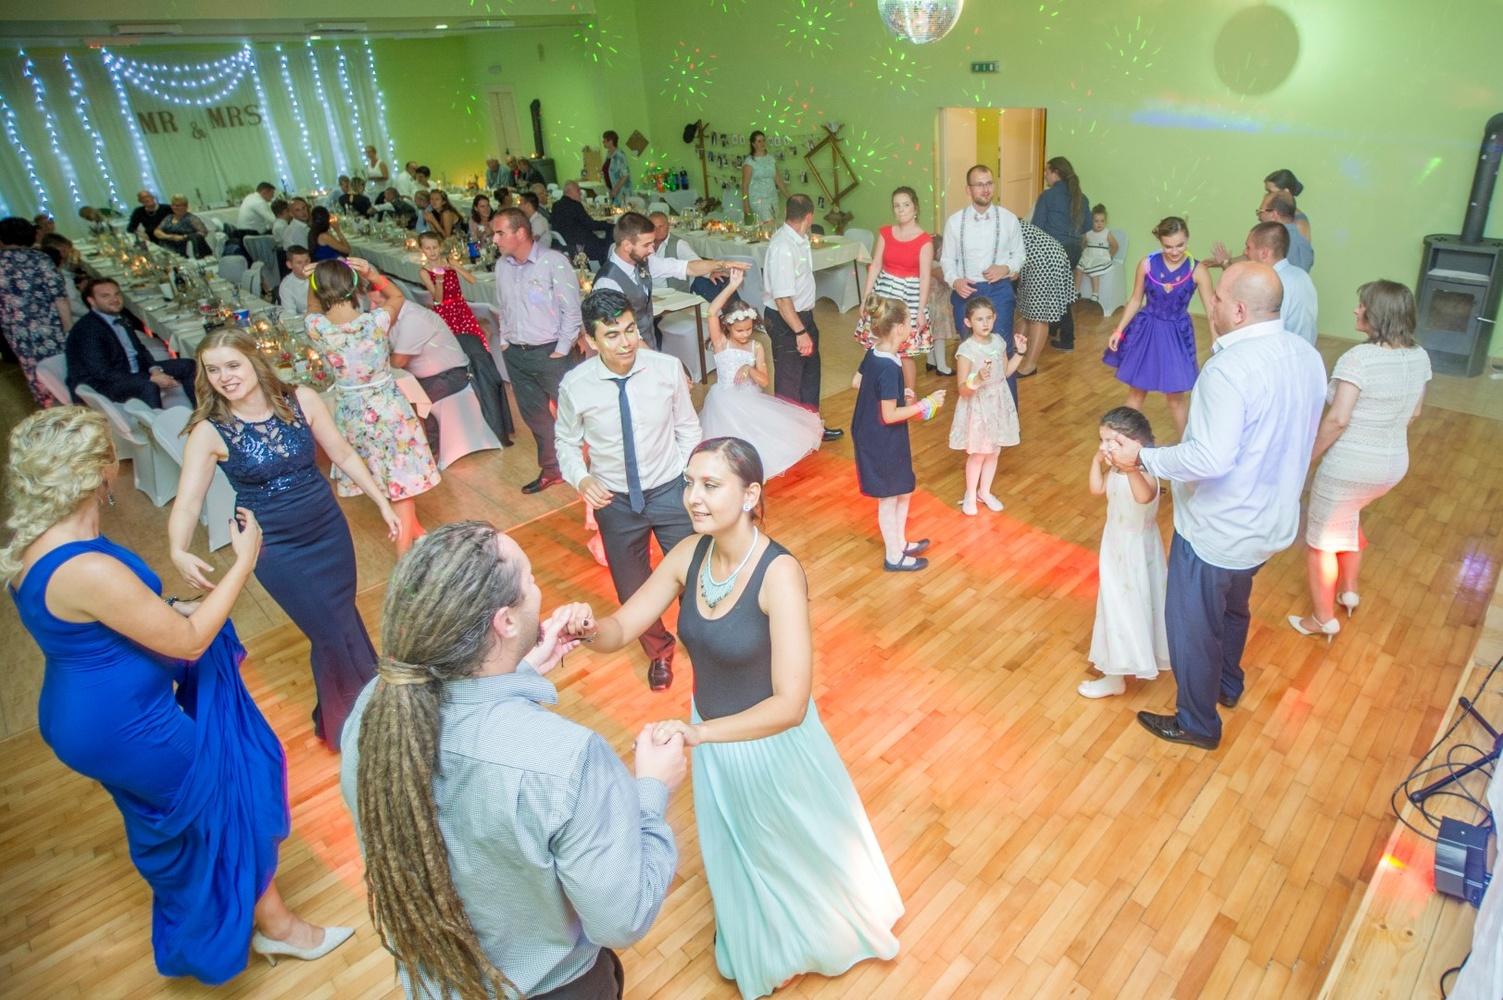 http://www.fotoz.sk/images/gallery-8/normal/eskuvoi-fotos_svadobny-fotograf_562.jpg